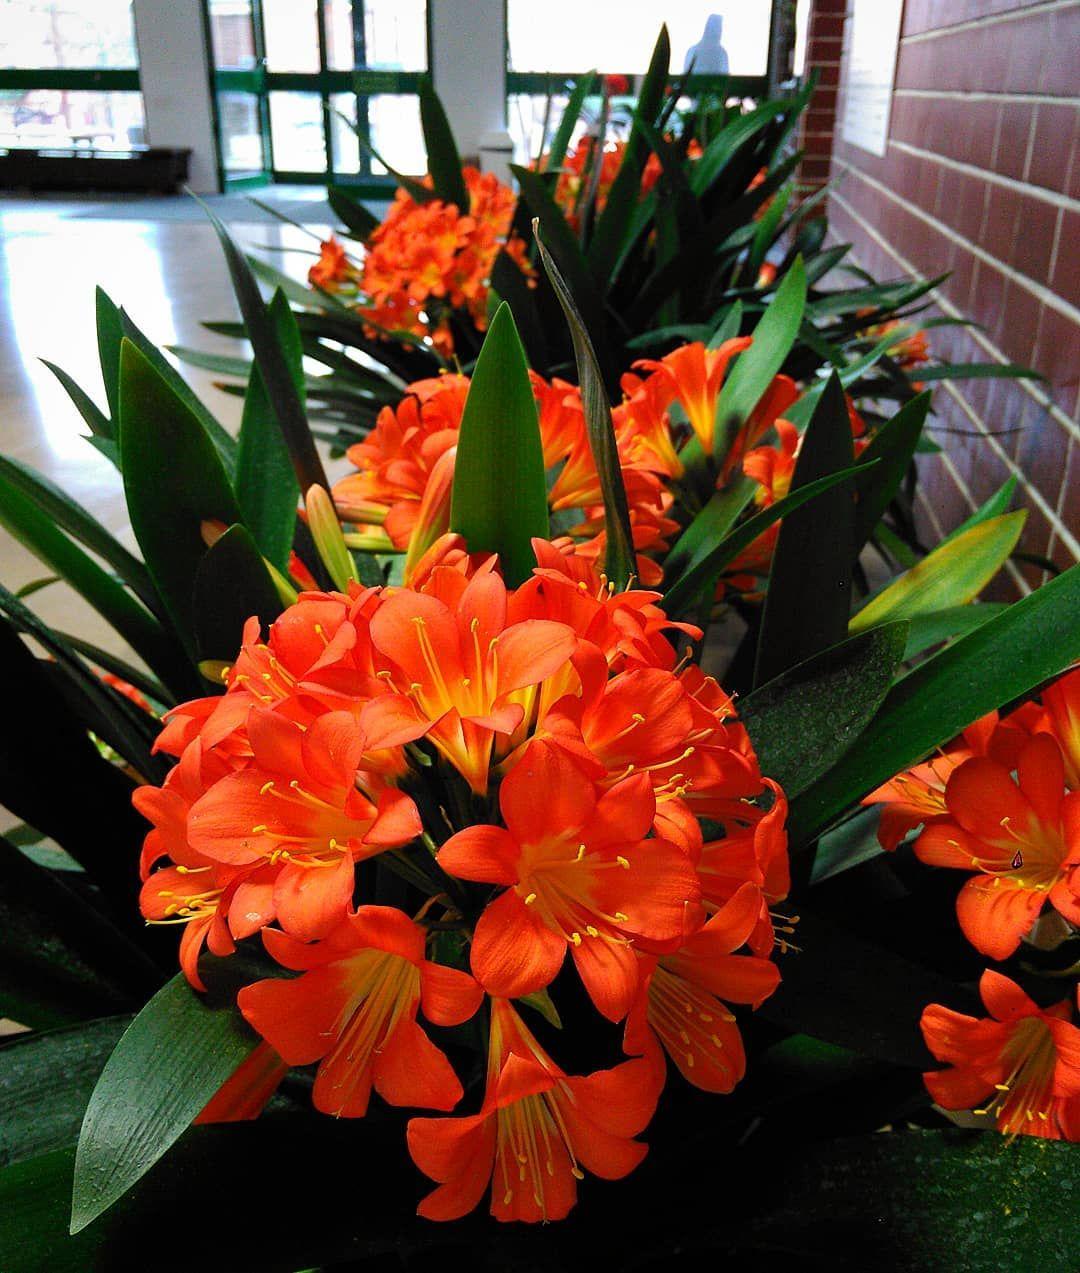 Ach Te Kliwie Kliwia Clivia Kliwiacynobrowa Cliviaminiata Budynek35 Building35 Sggw Wuls Wobiak Ogrodnictwo Plants Patio